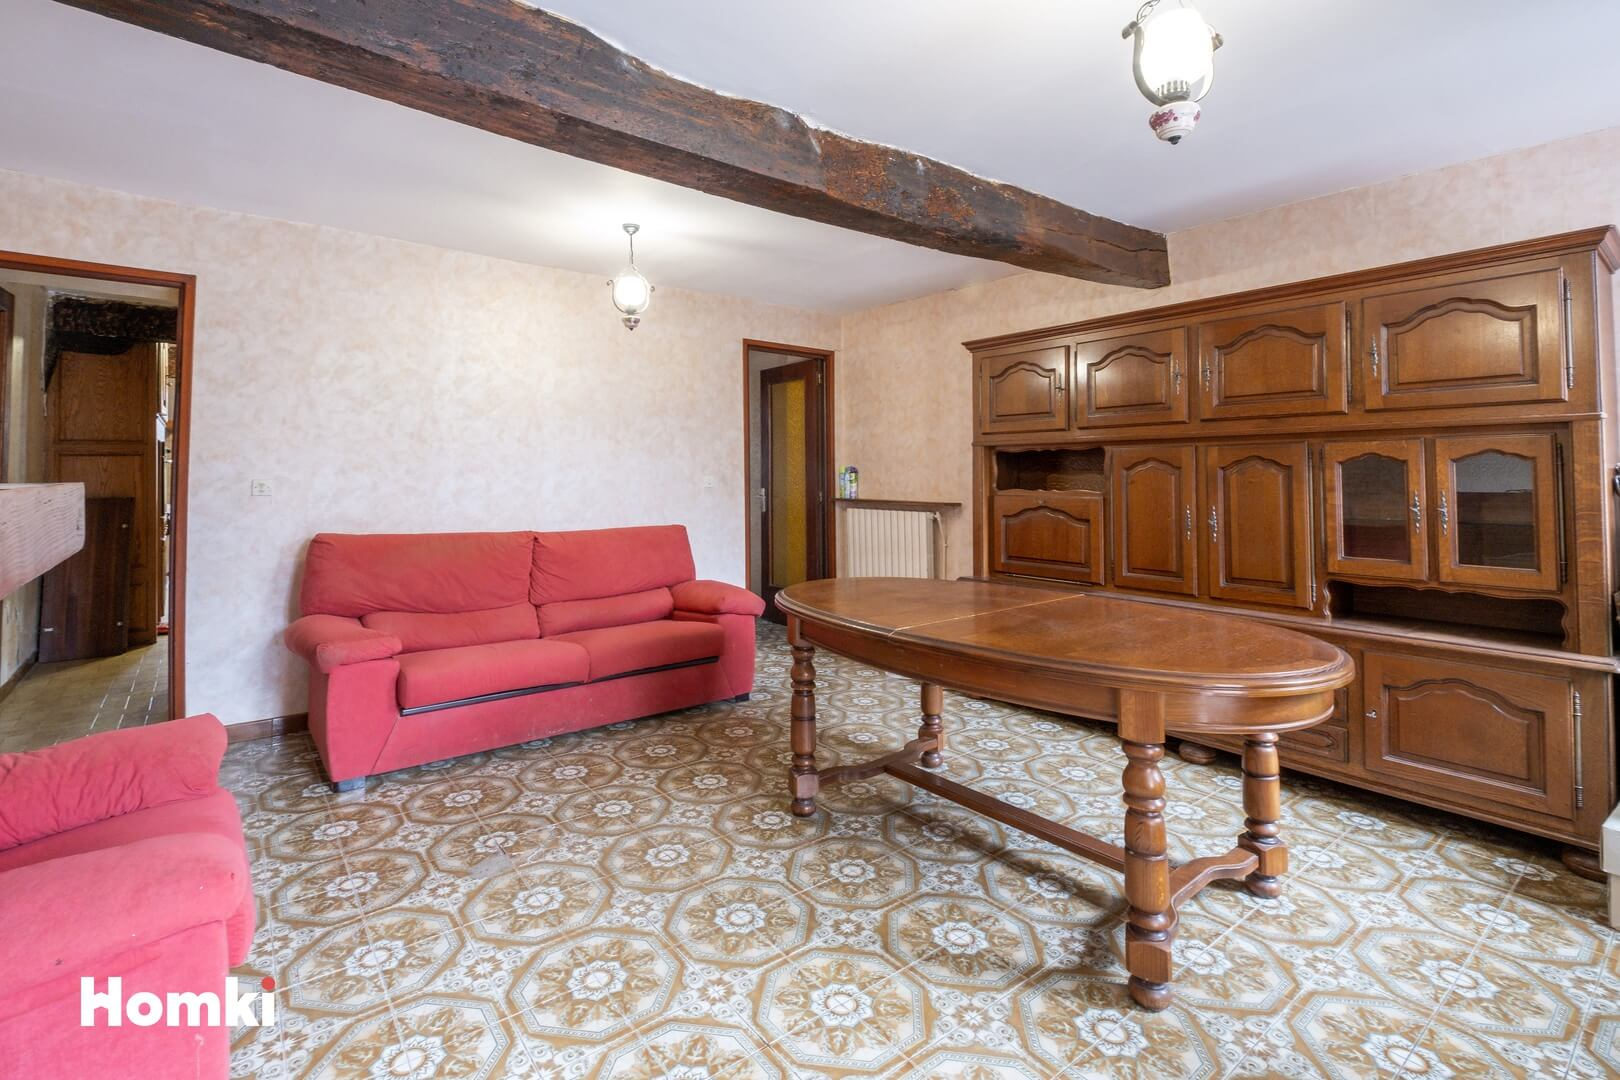 Homki - Vente Maison de ville  de 98.0 m² à Blagnac 31700